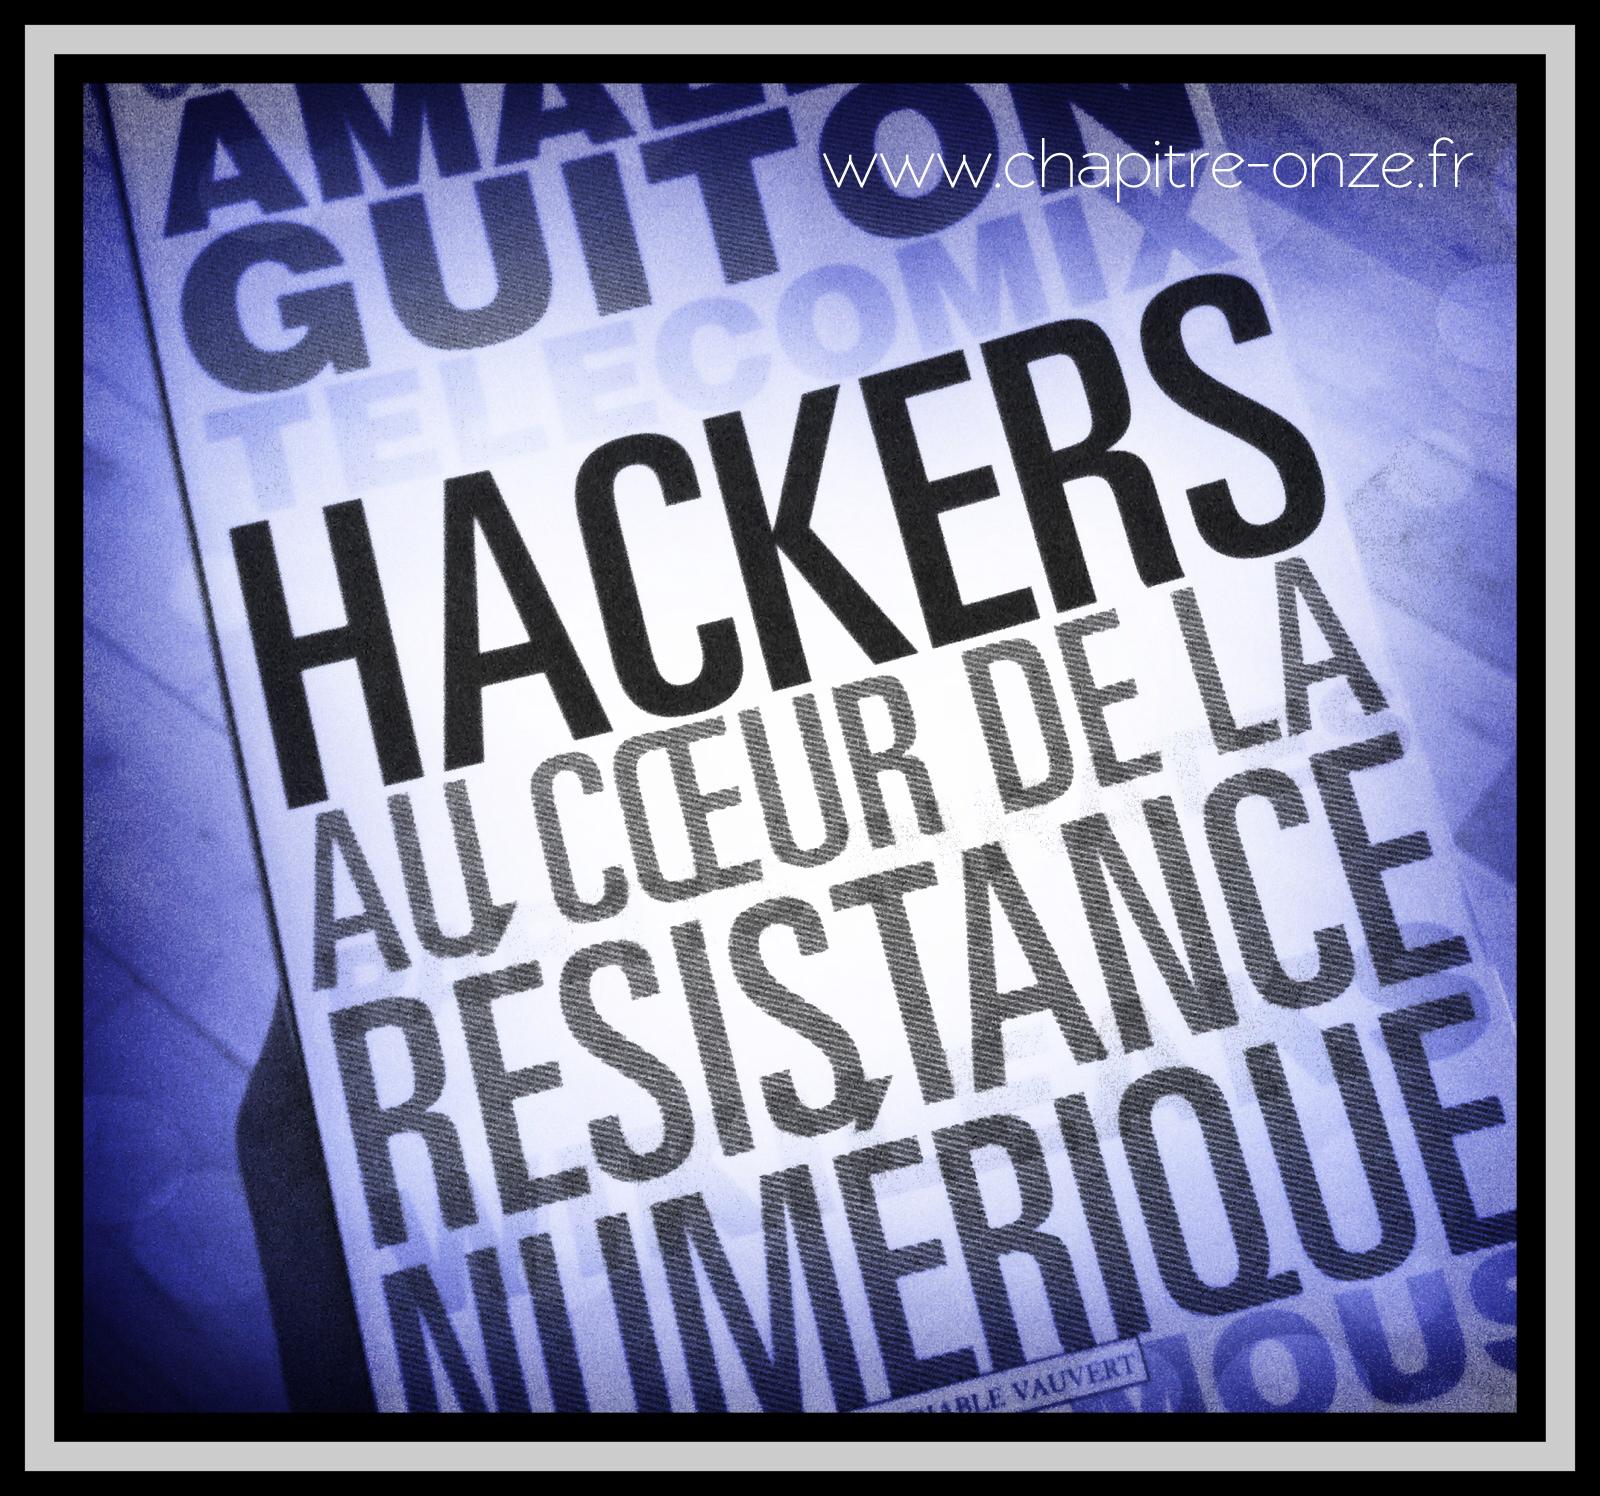 Amaëlle Guiton, Au coeur de la résistance numérique